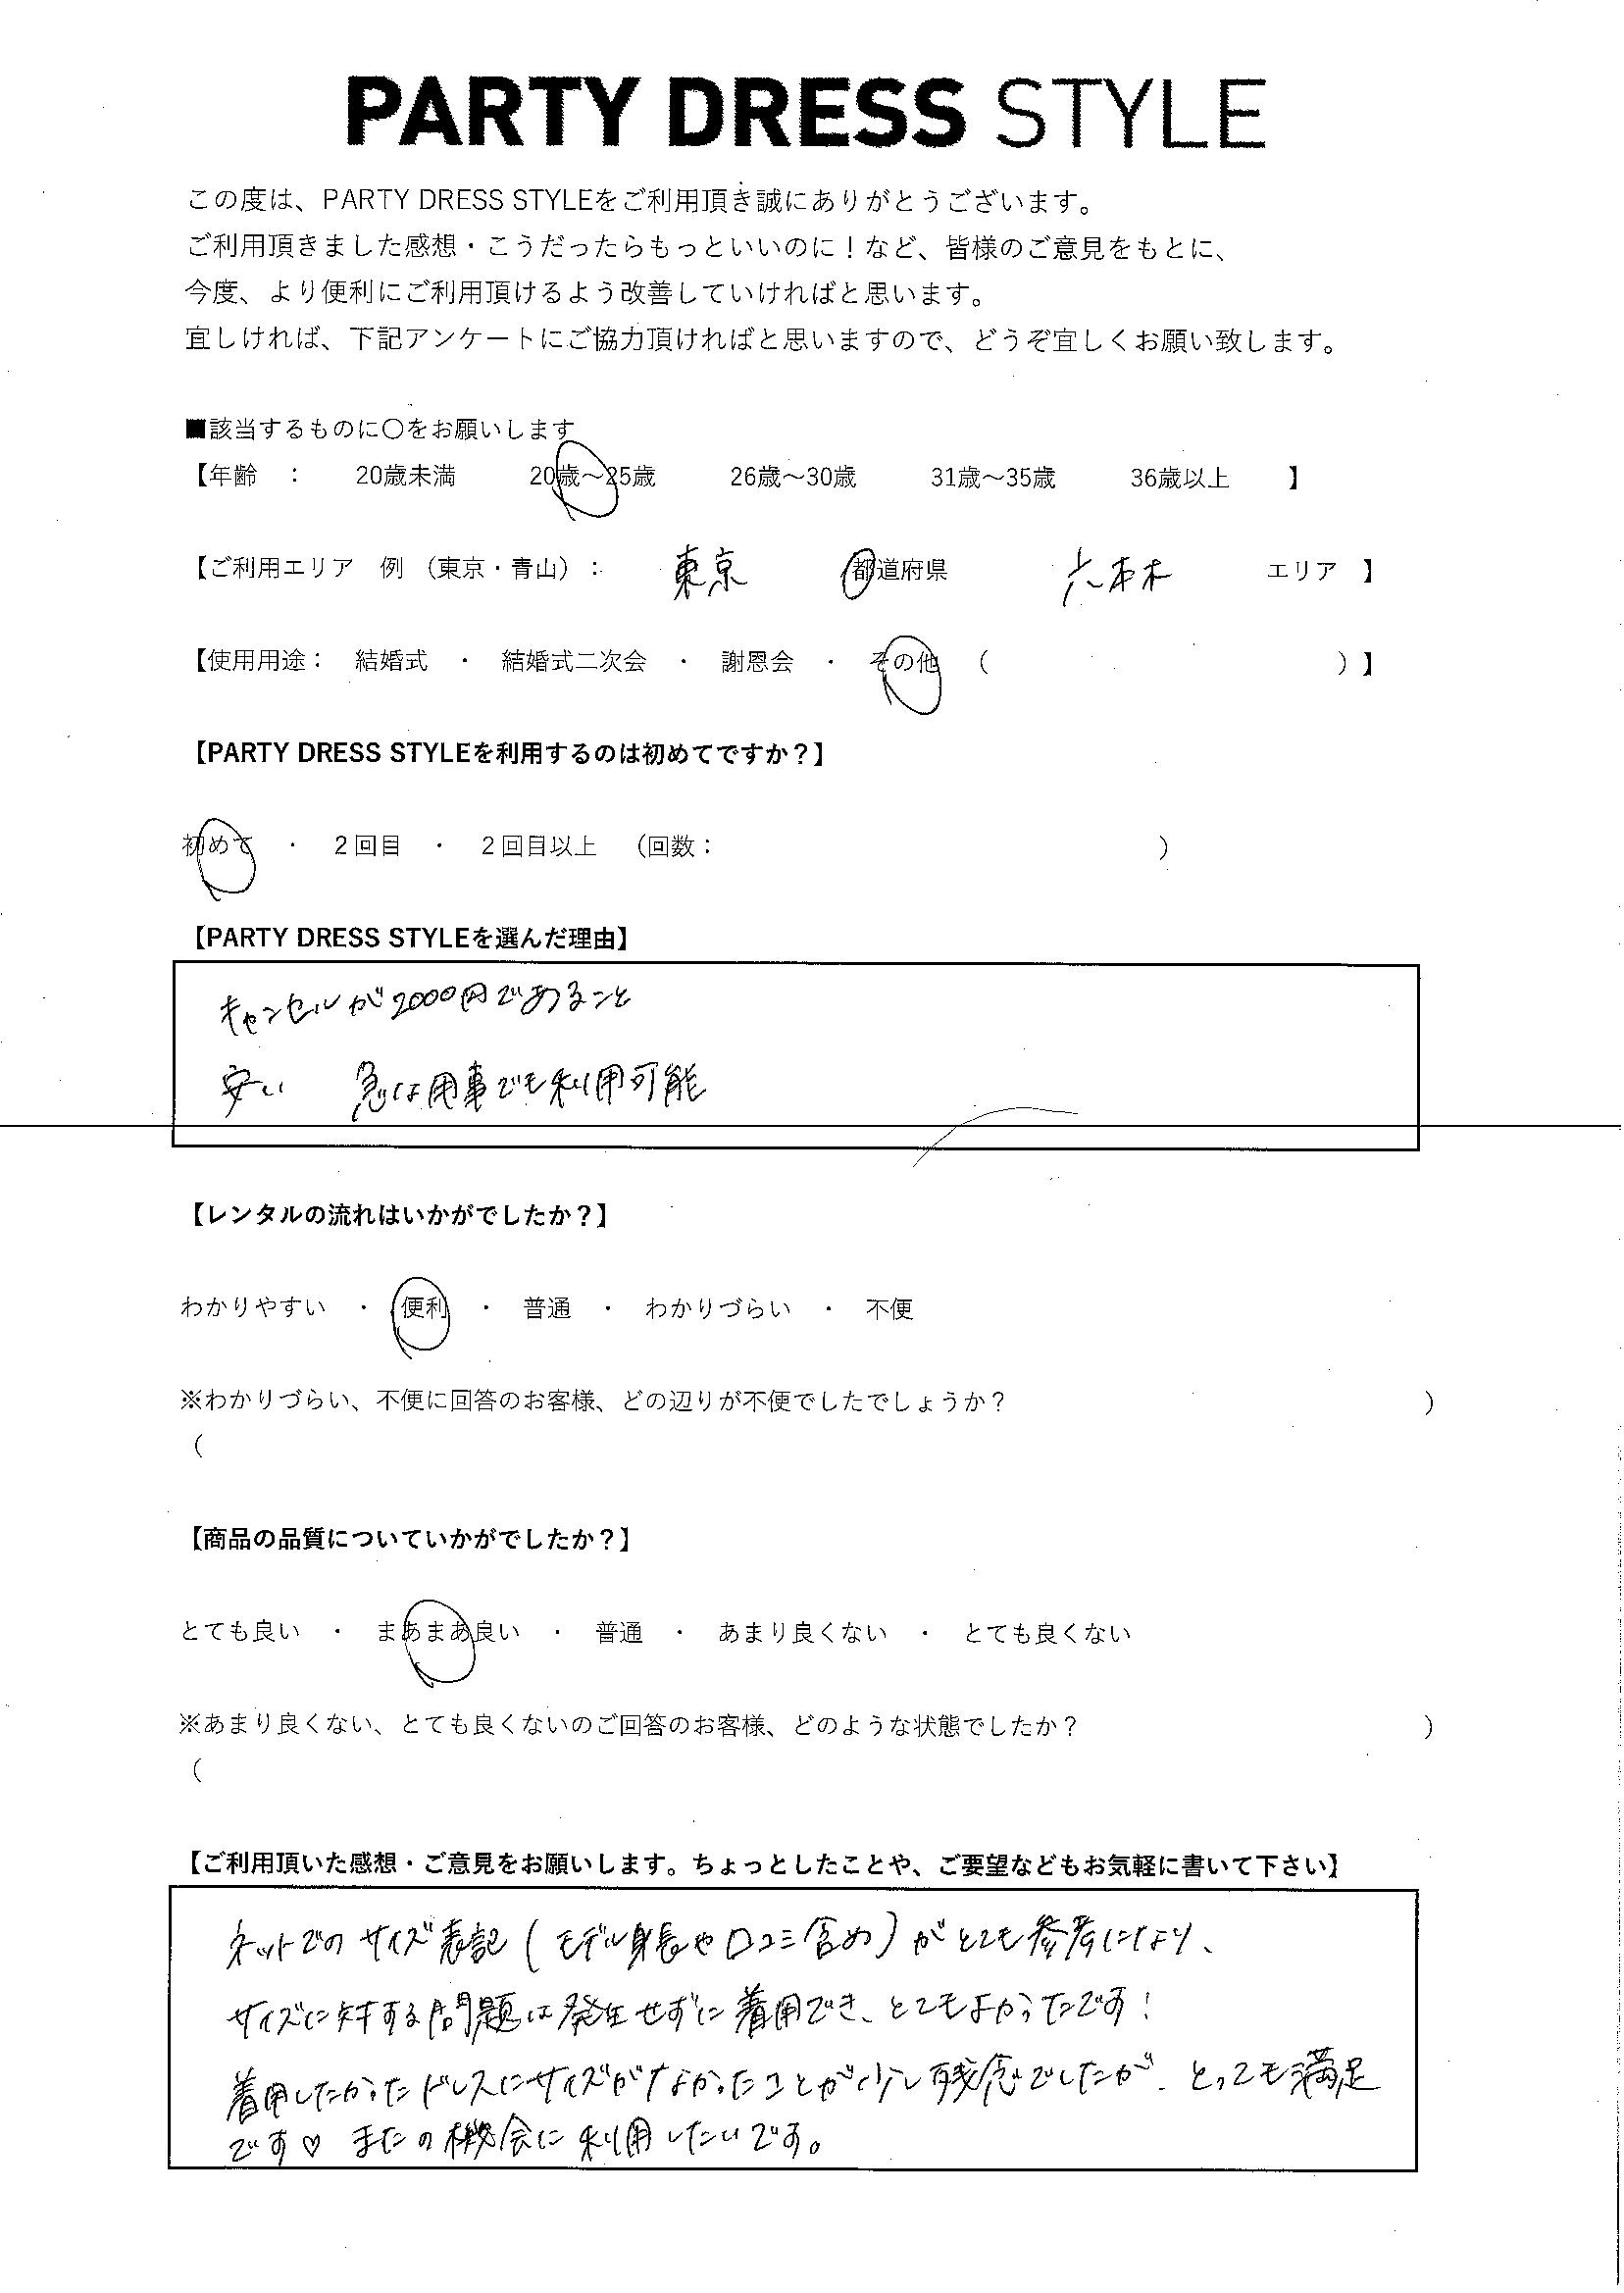 4/1 その他 東京・六本木エリア